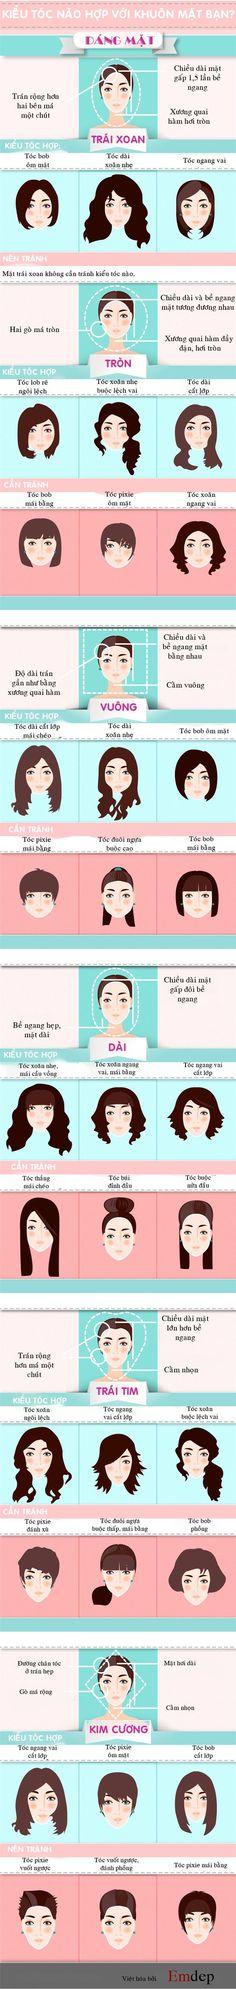 Đi tìm kiểu tóc phù hợp khuôn mặt bạn